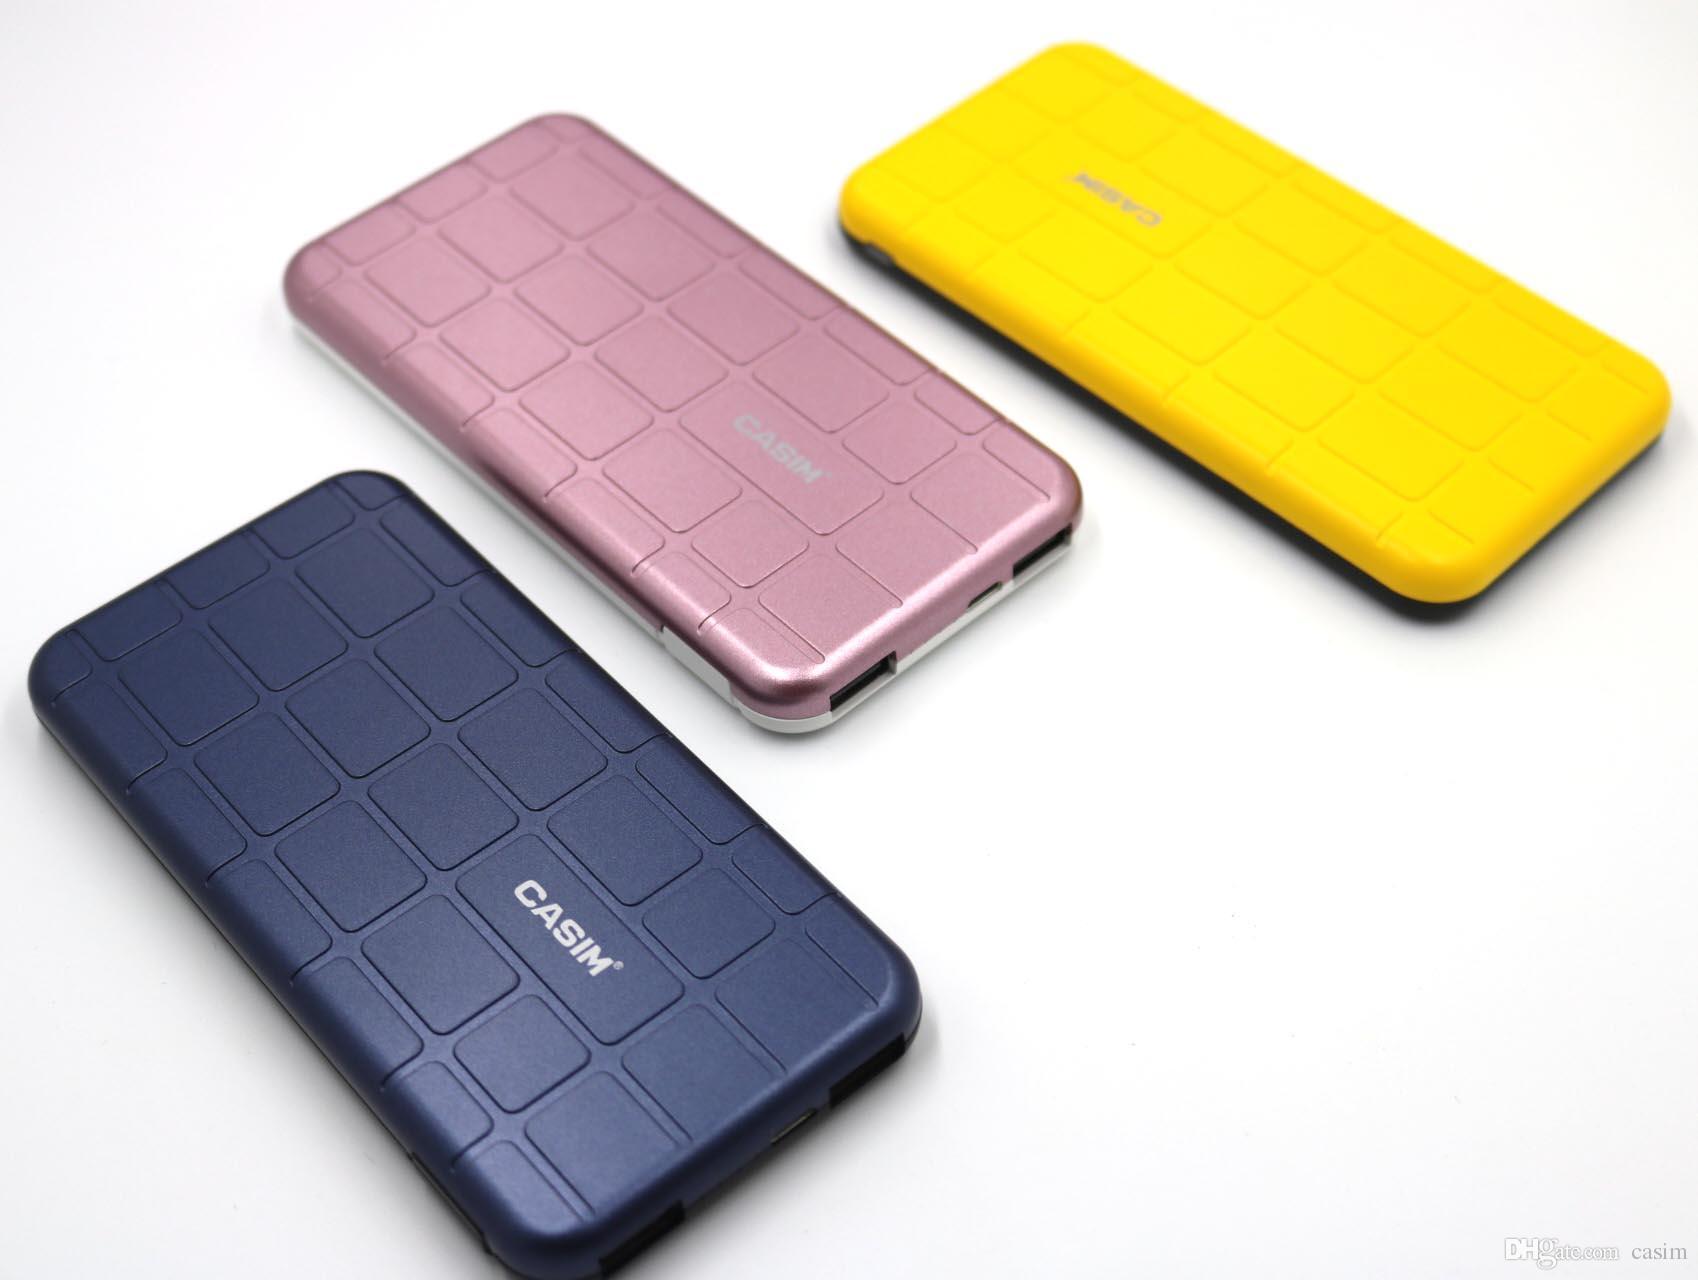 CASIM Güç Bankası 2 USB 10000 mAh 2.1A Güç Bankası Telefon Şarj SUEGE Serisi iphone Samsung S8 S8 Artı Cep Telefonu Ile Ambalaj